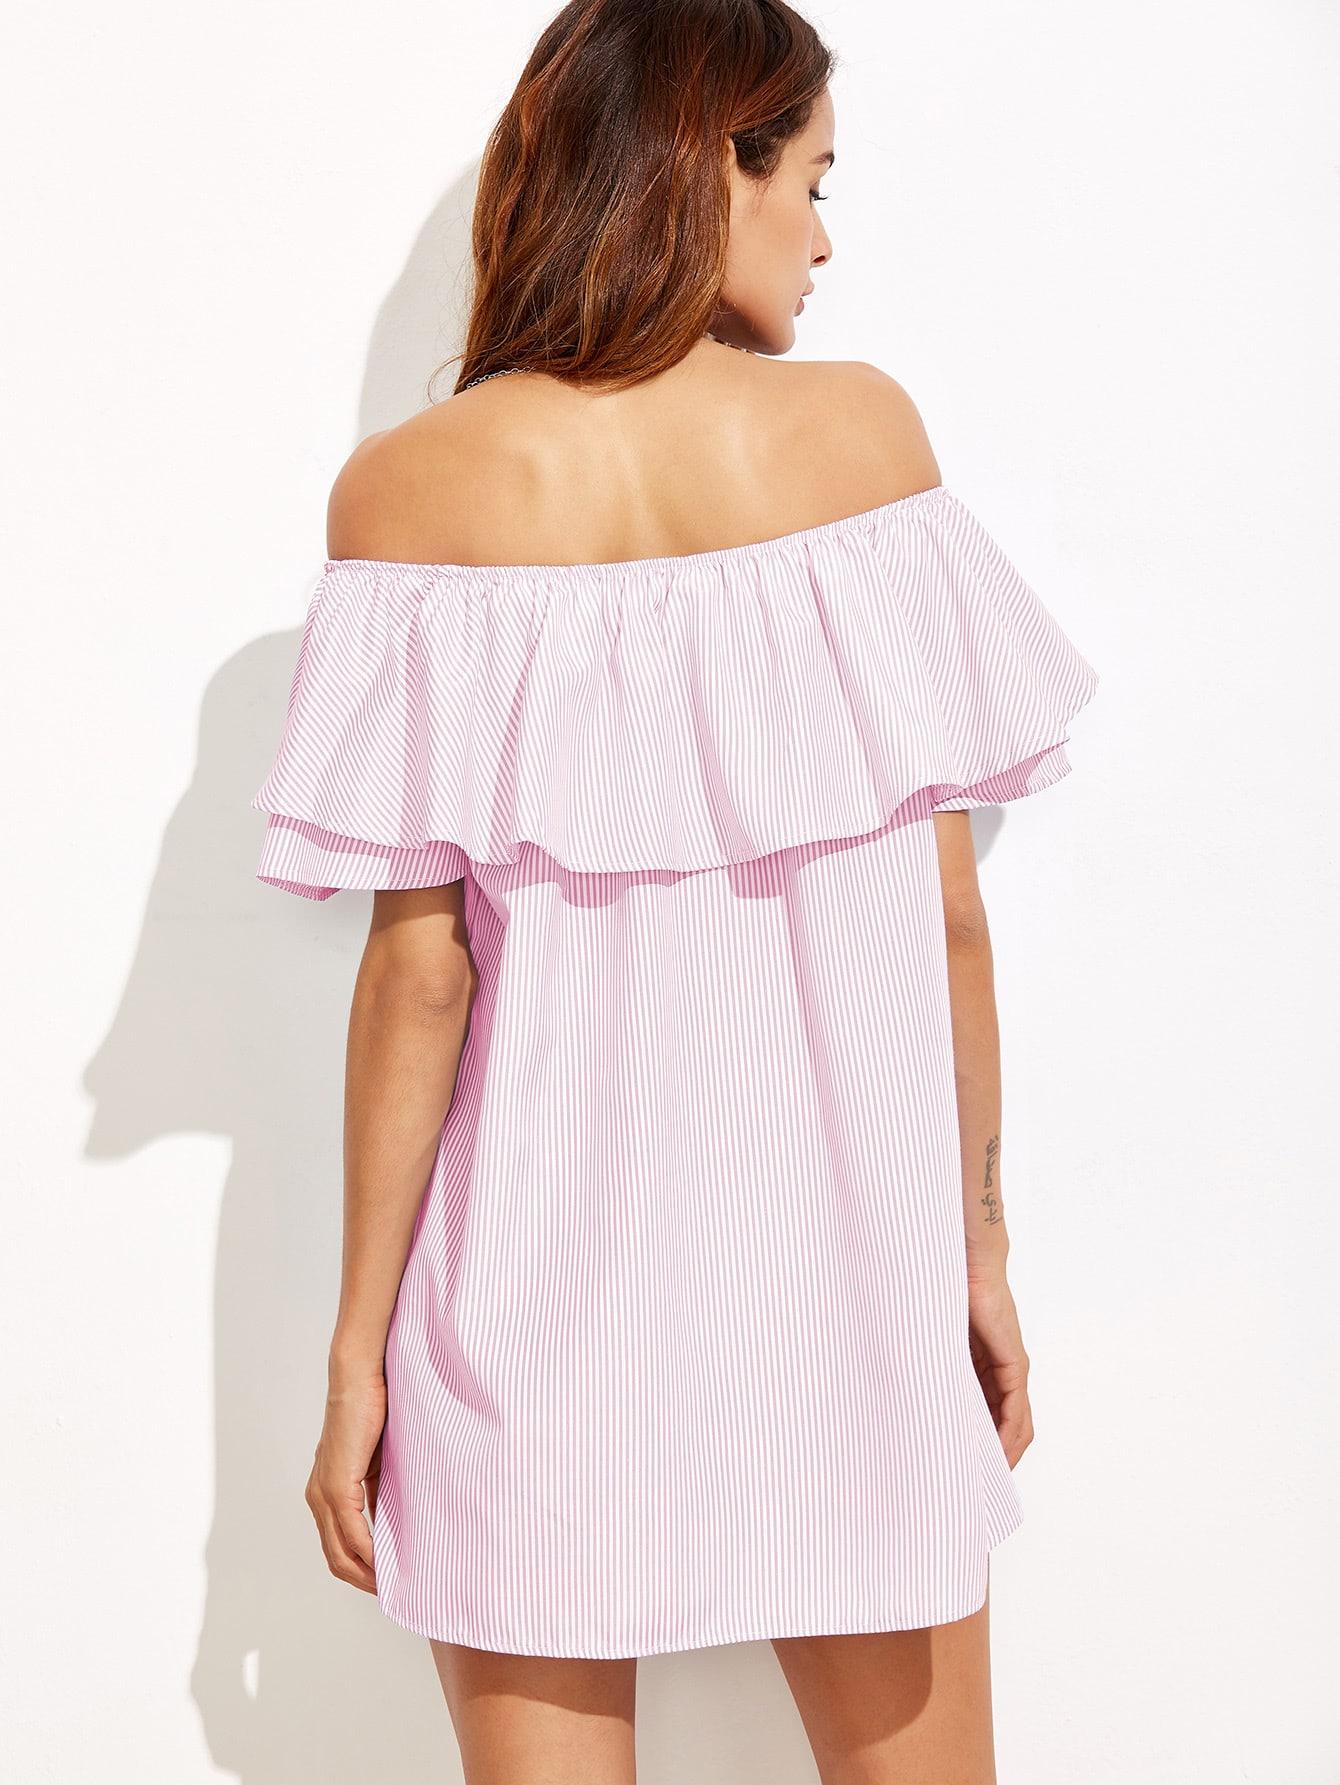 dress170427702_2